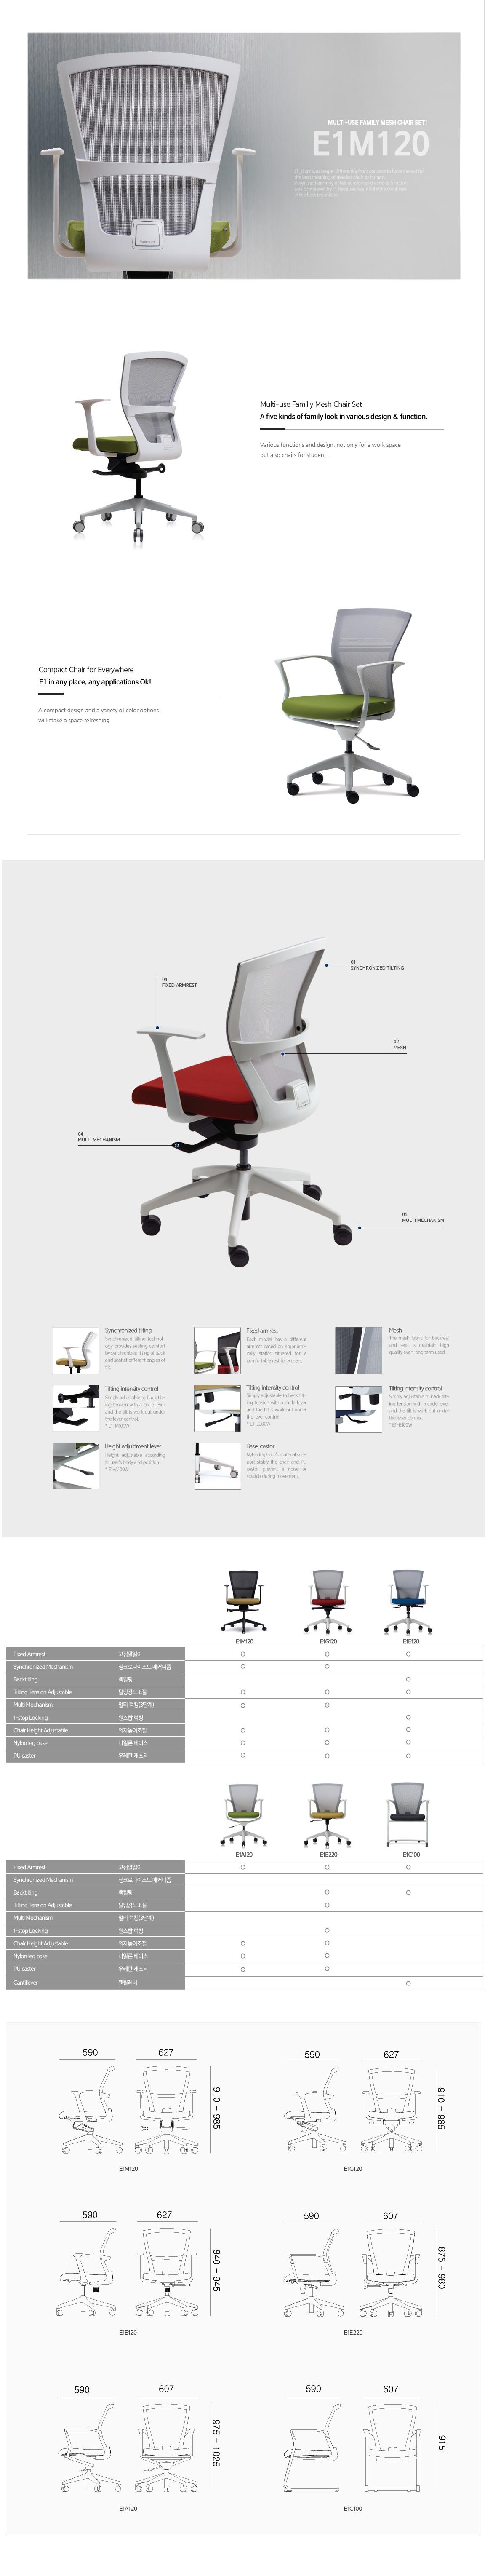 Luxdezine Multipurpose Chairs E1M120